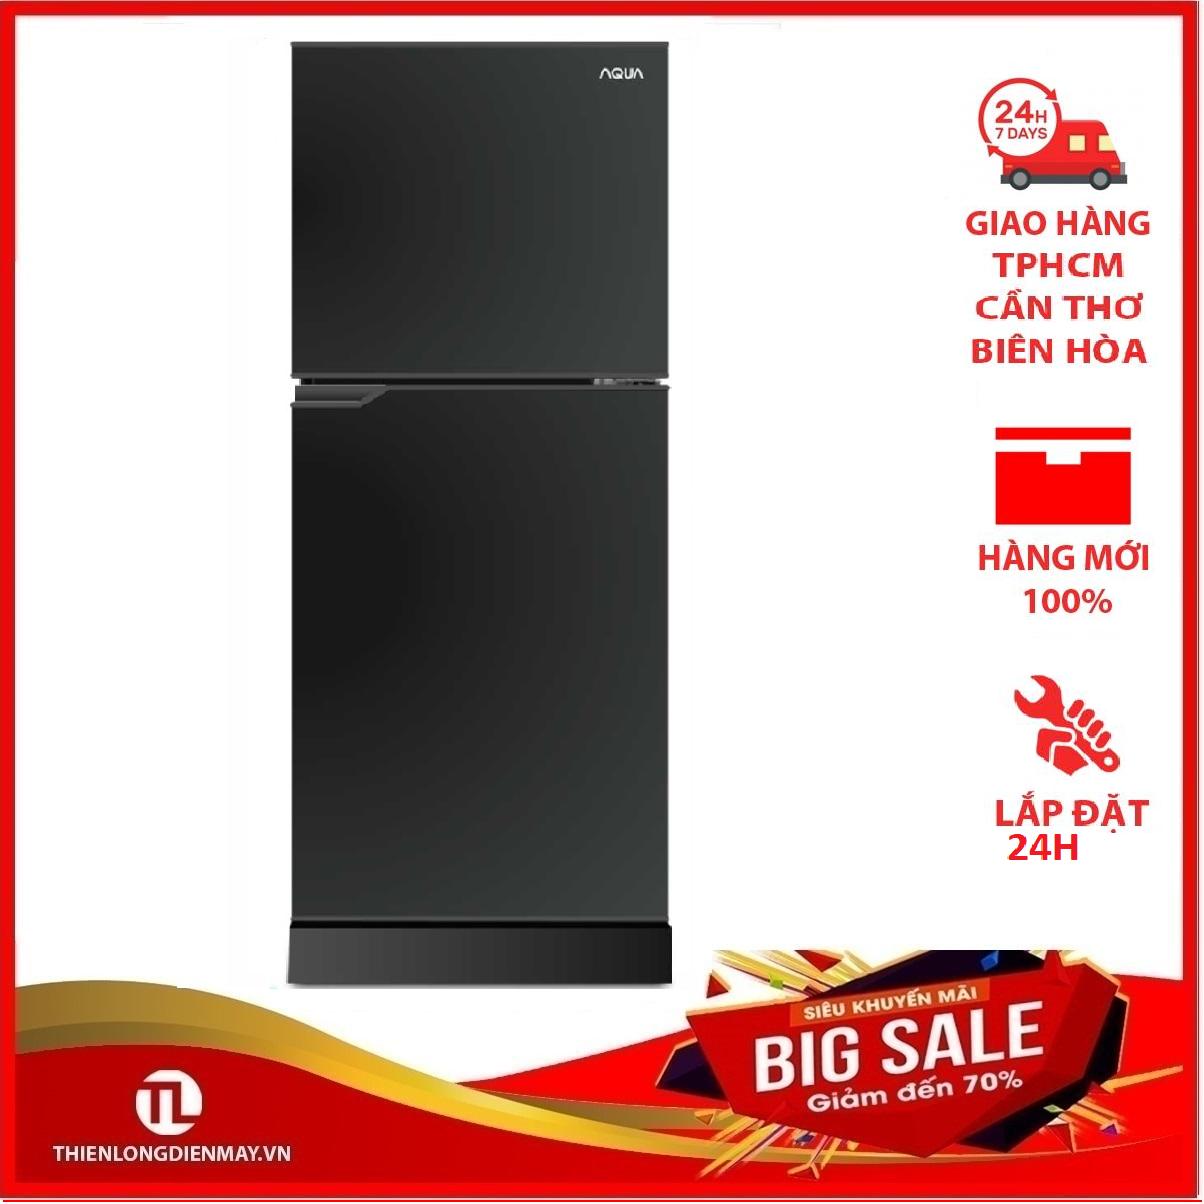 TRẢ GÓP 0% – Tủ lạnh Aqua 130 lít AQR-T150FA BS